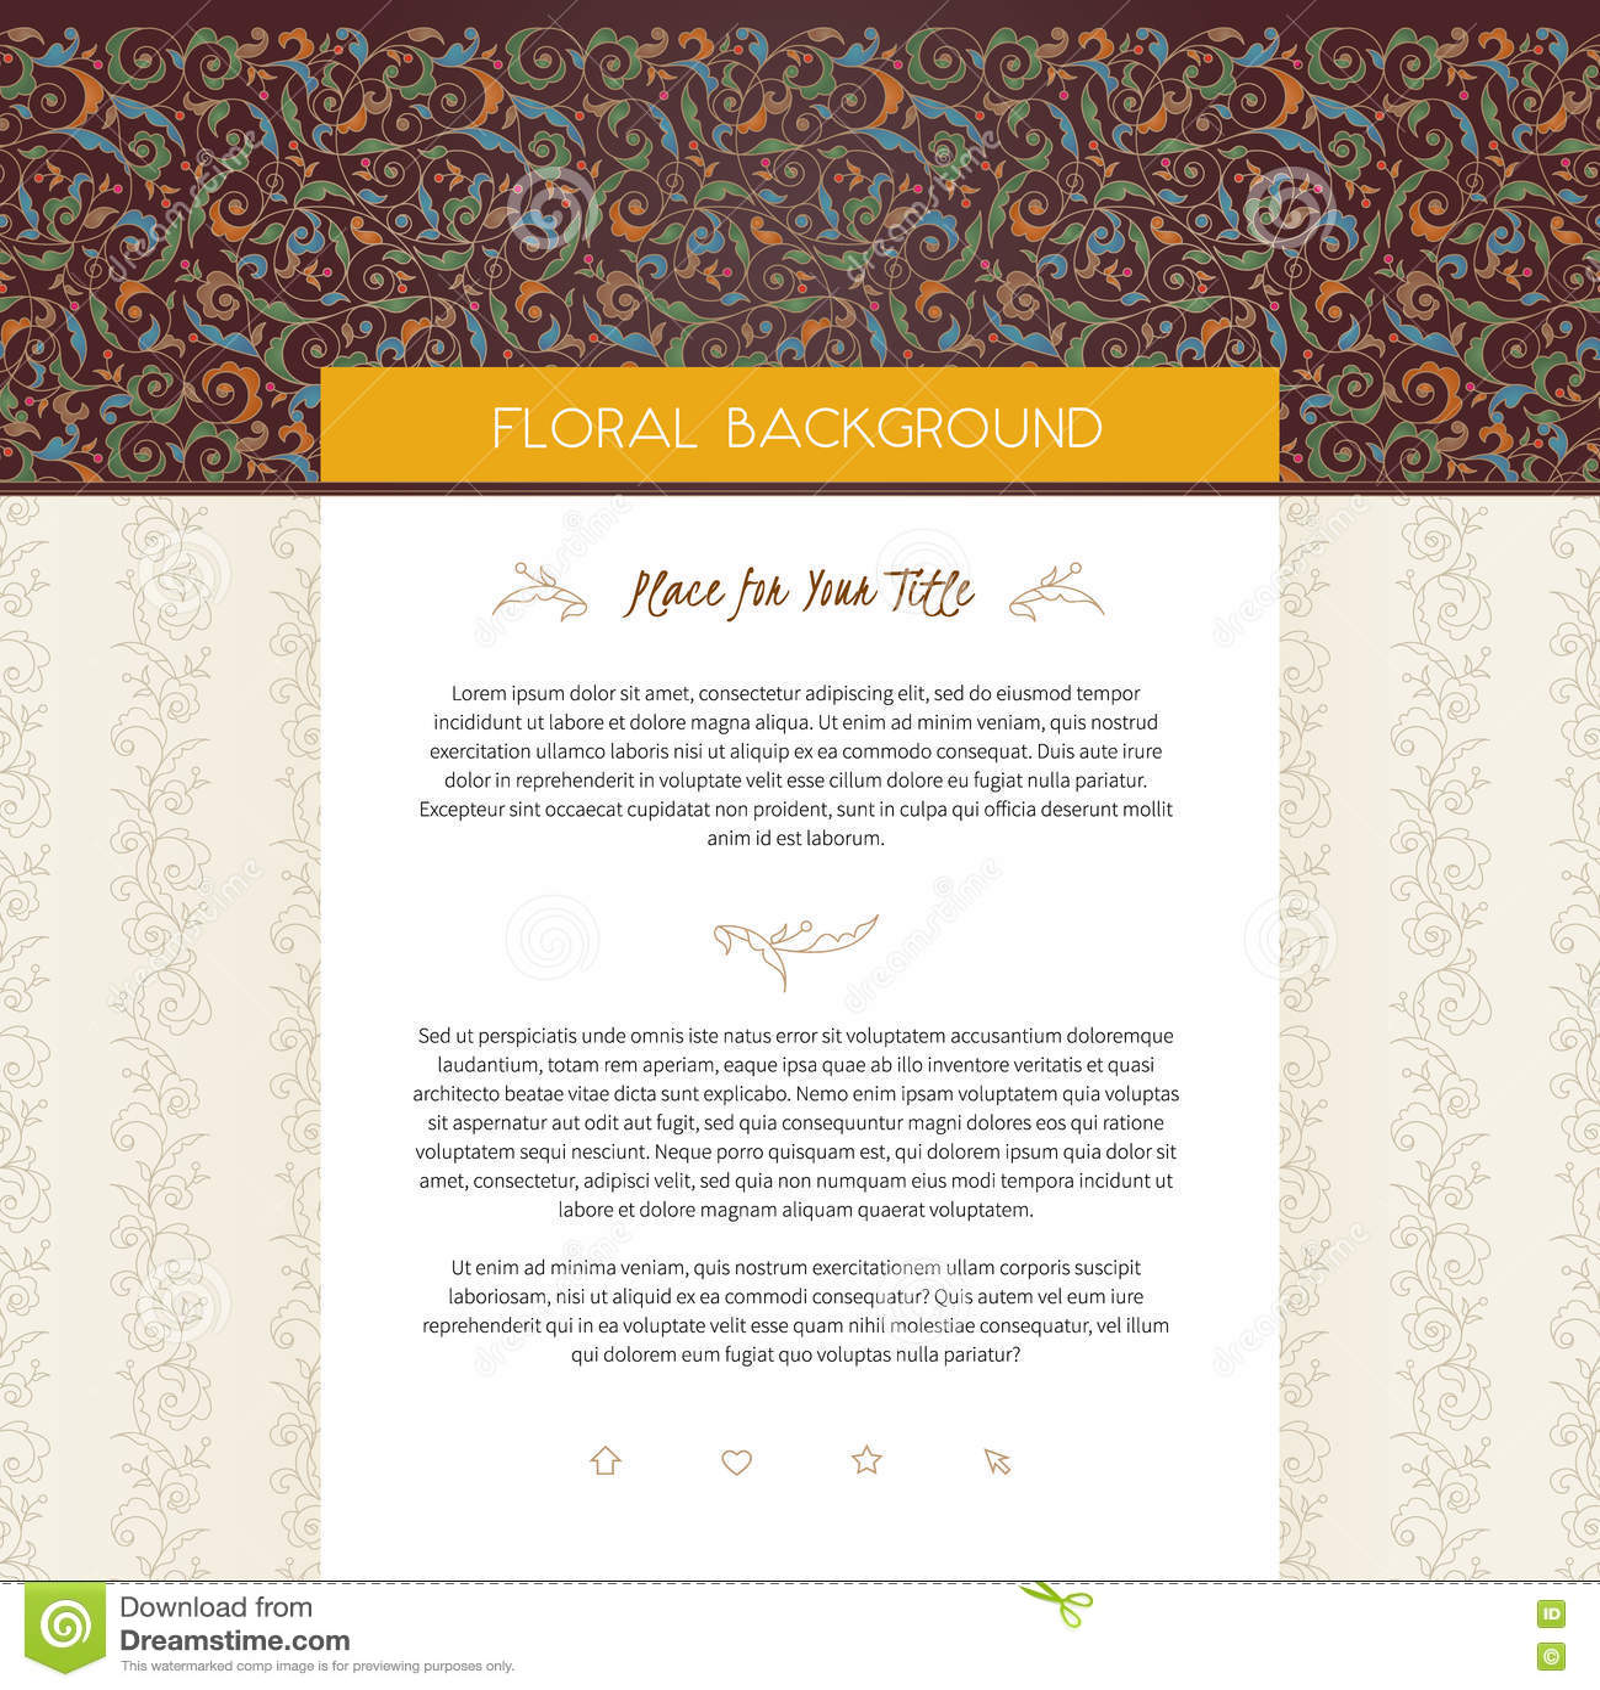 Molde do projeto do página da web do vetor no estilo floral